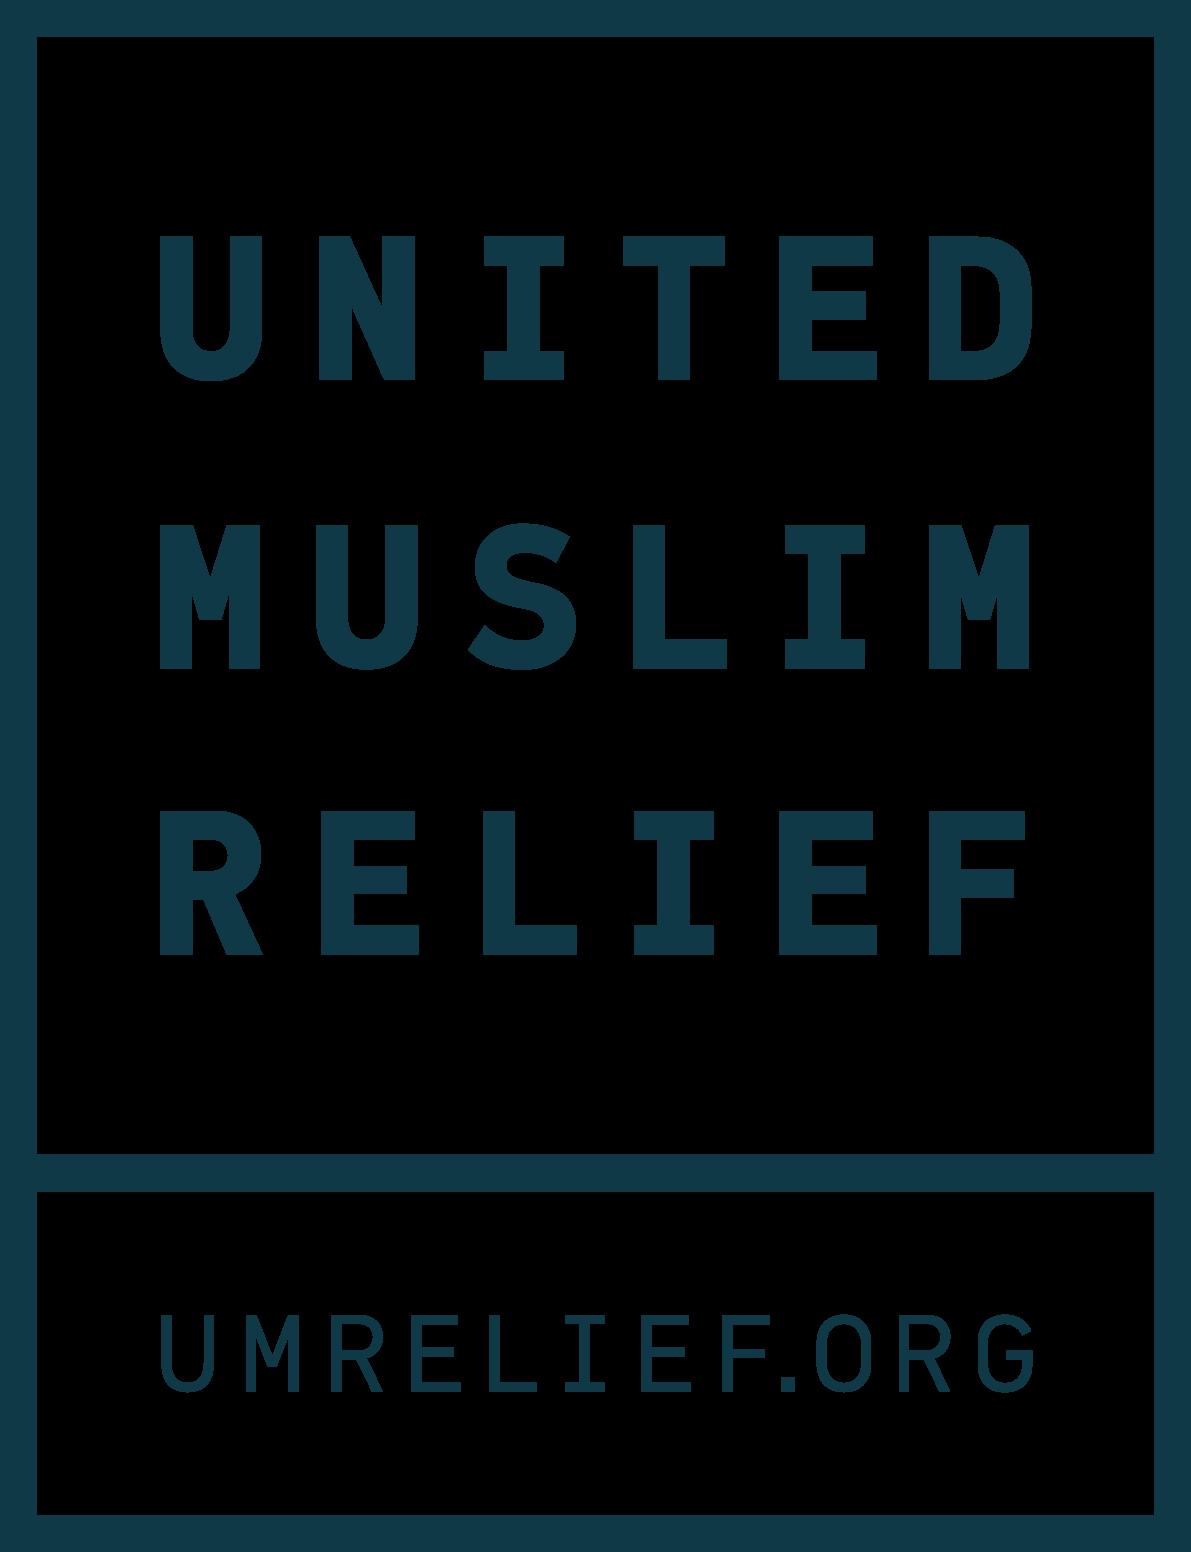 UMR_logo_withurl blue transparent.png